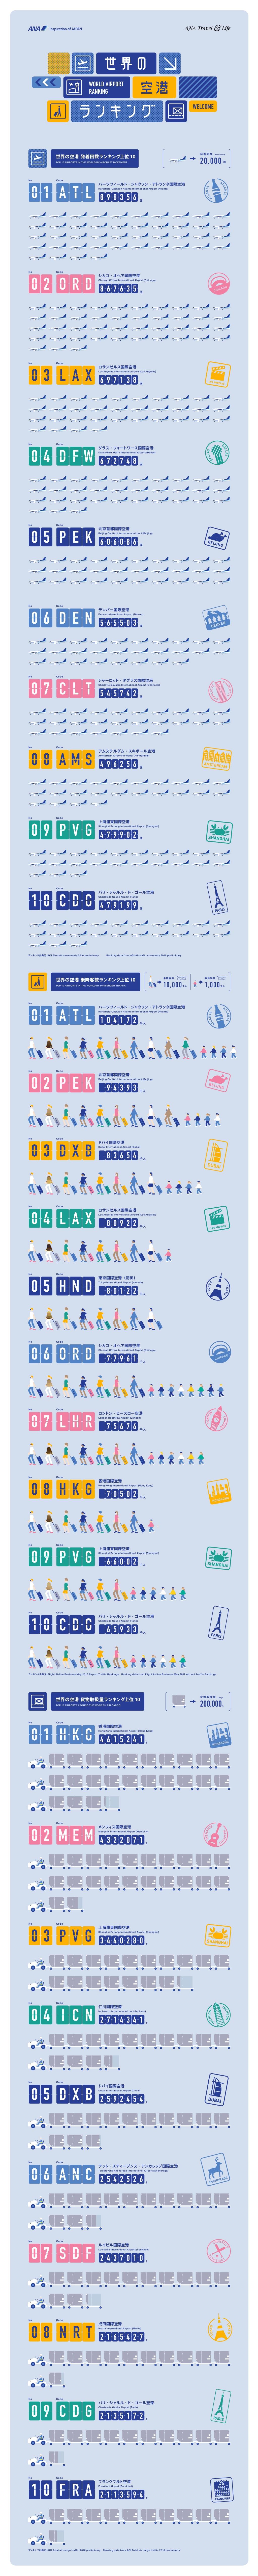 世界の空港ランキング